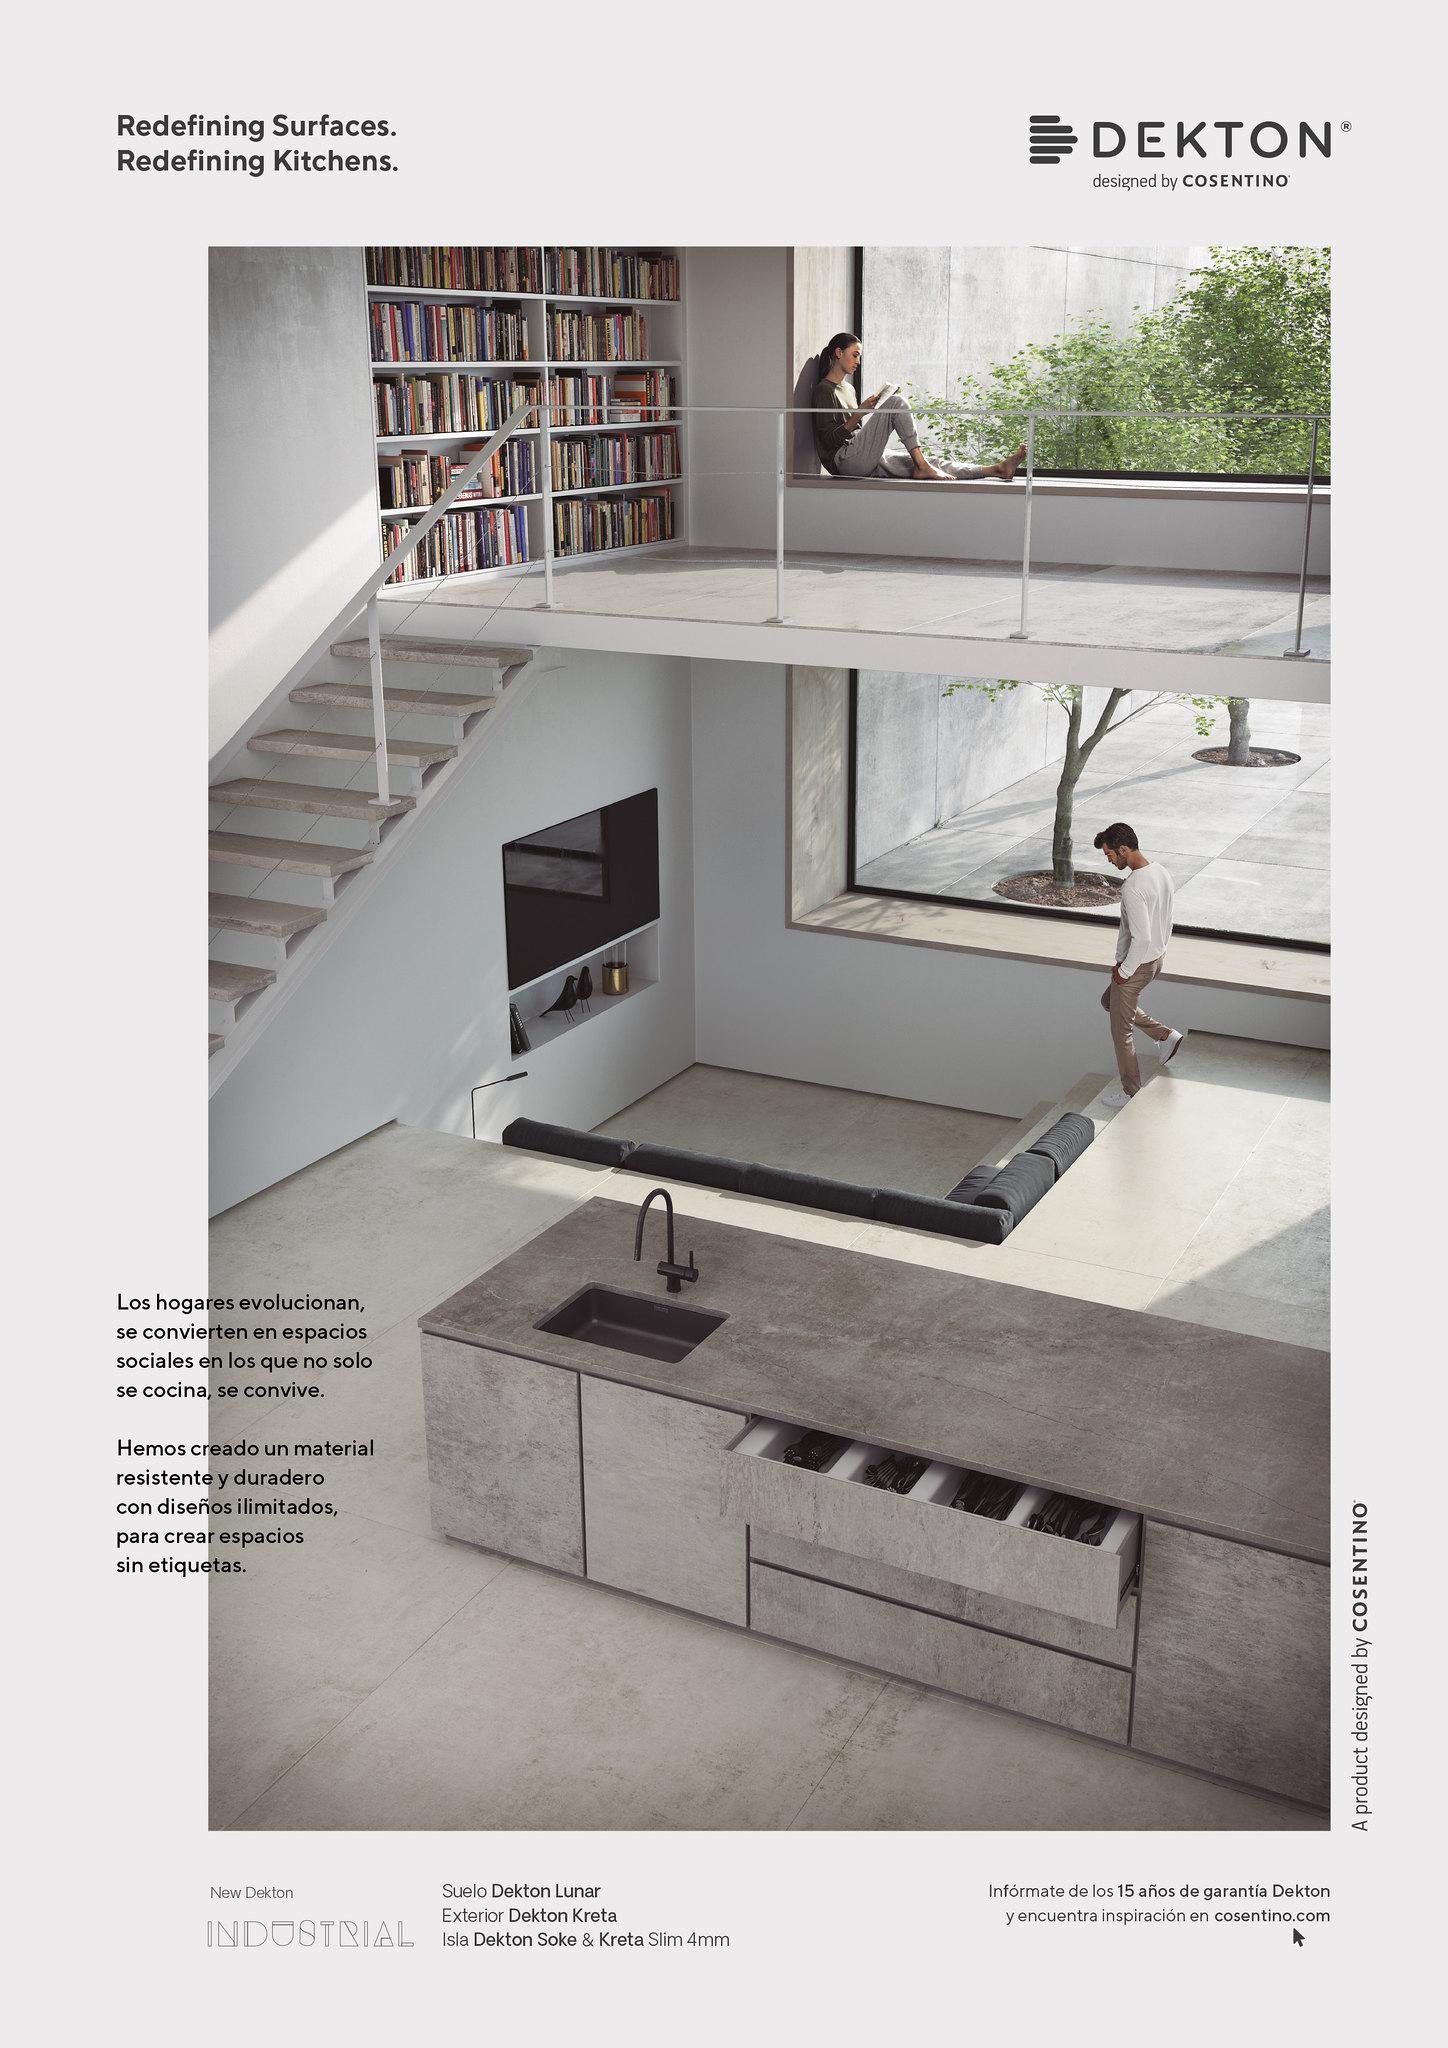 Dekton kitchen Minimal Page